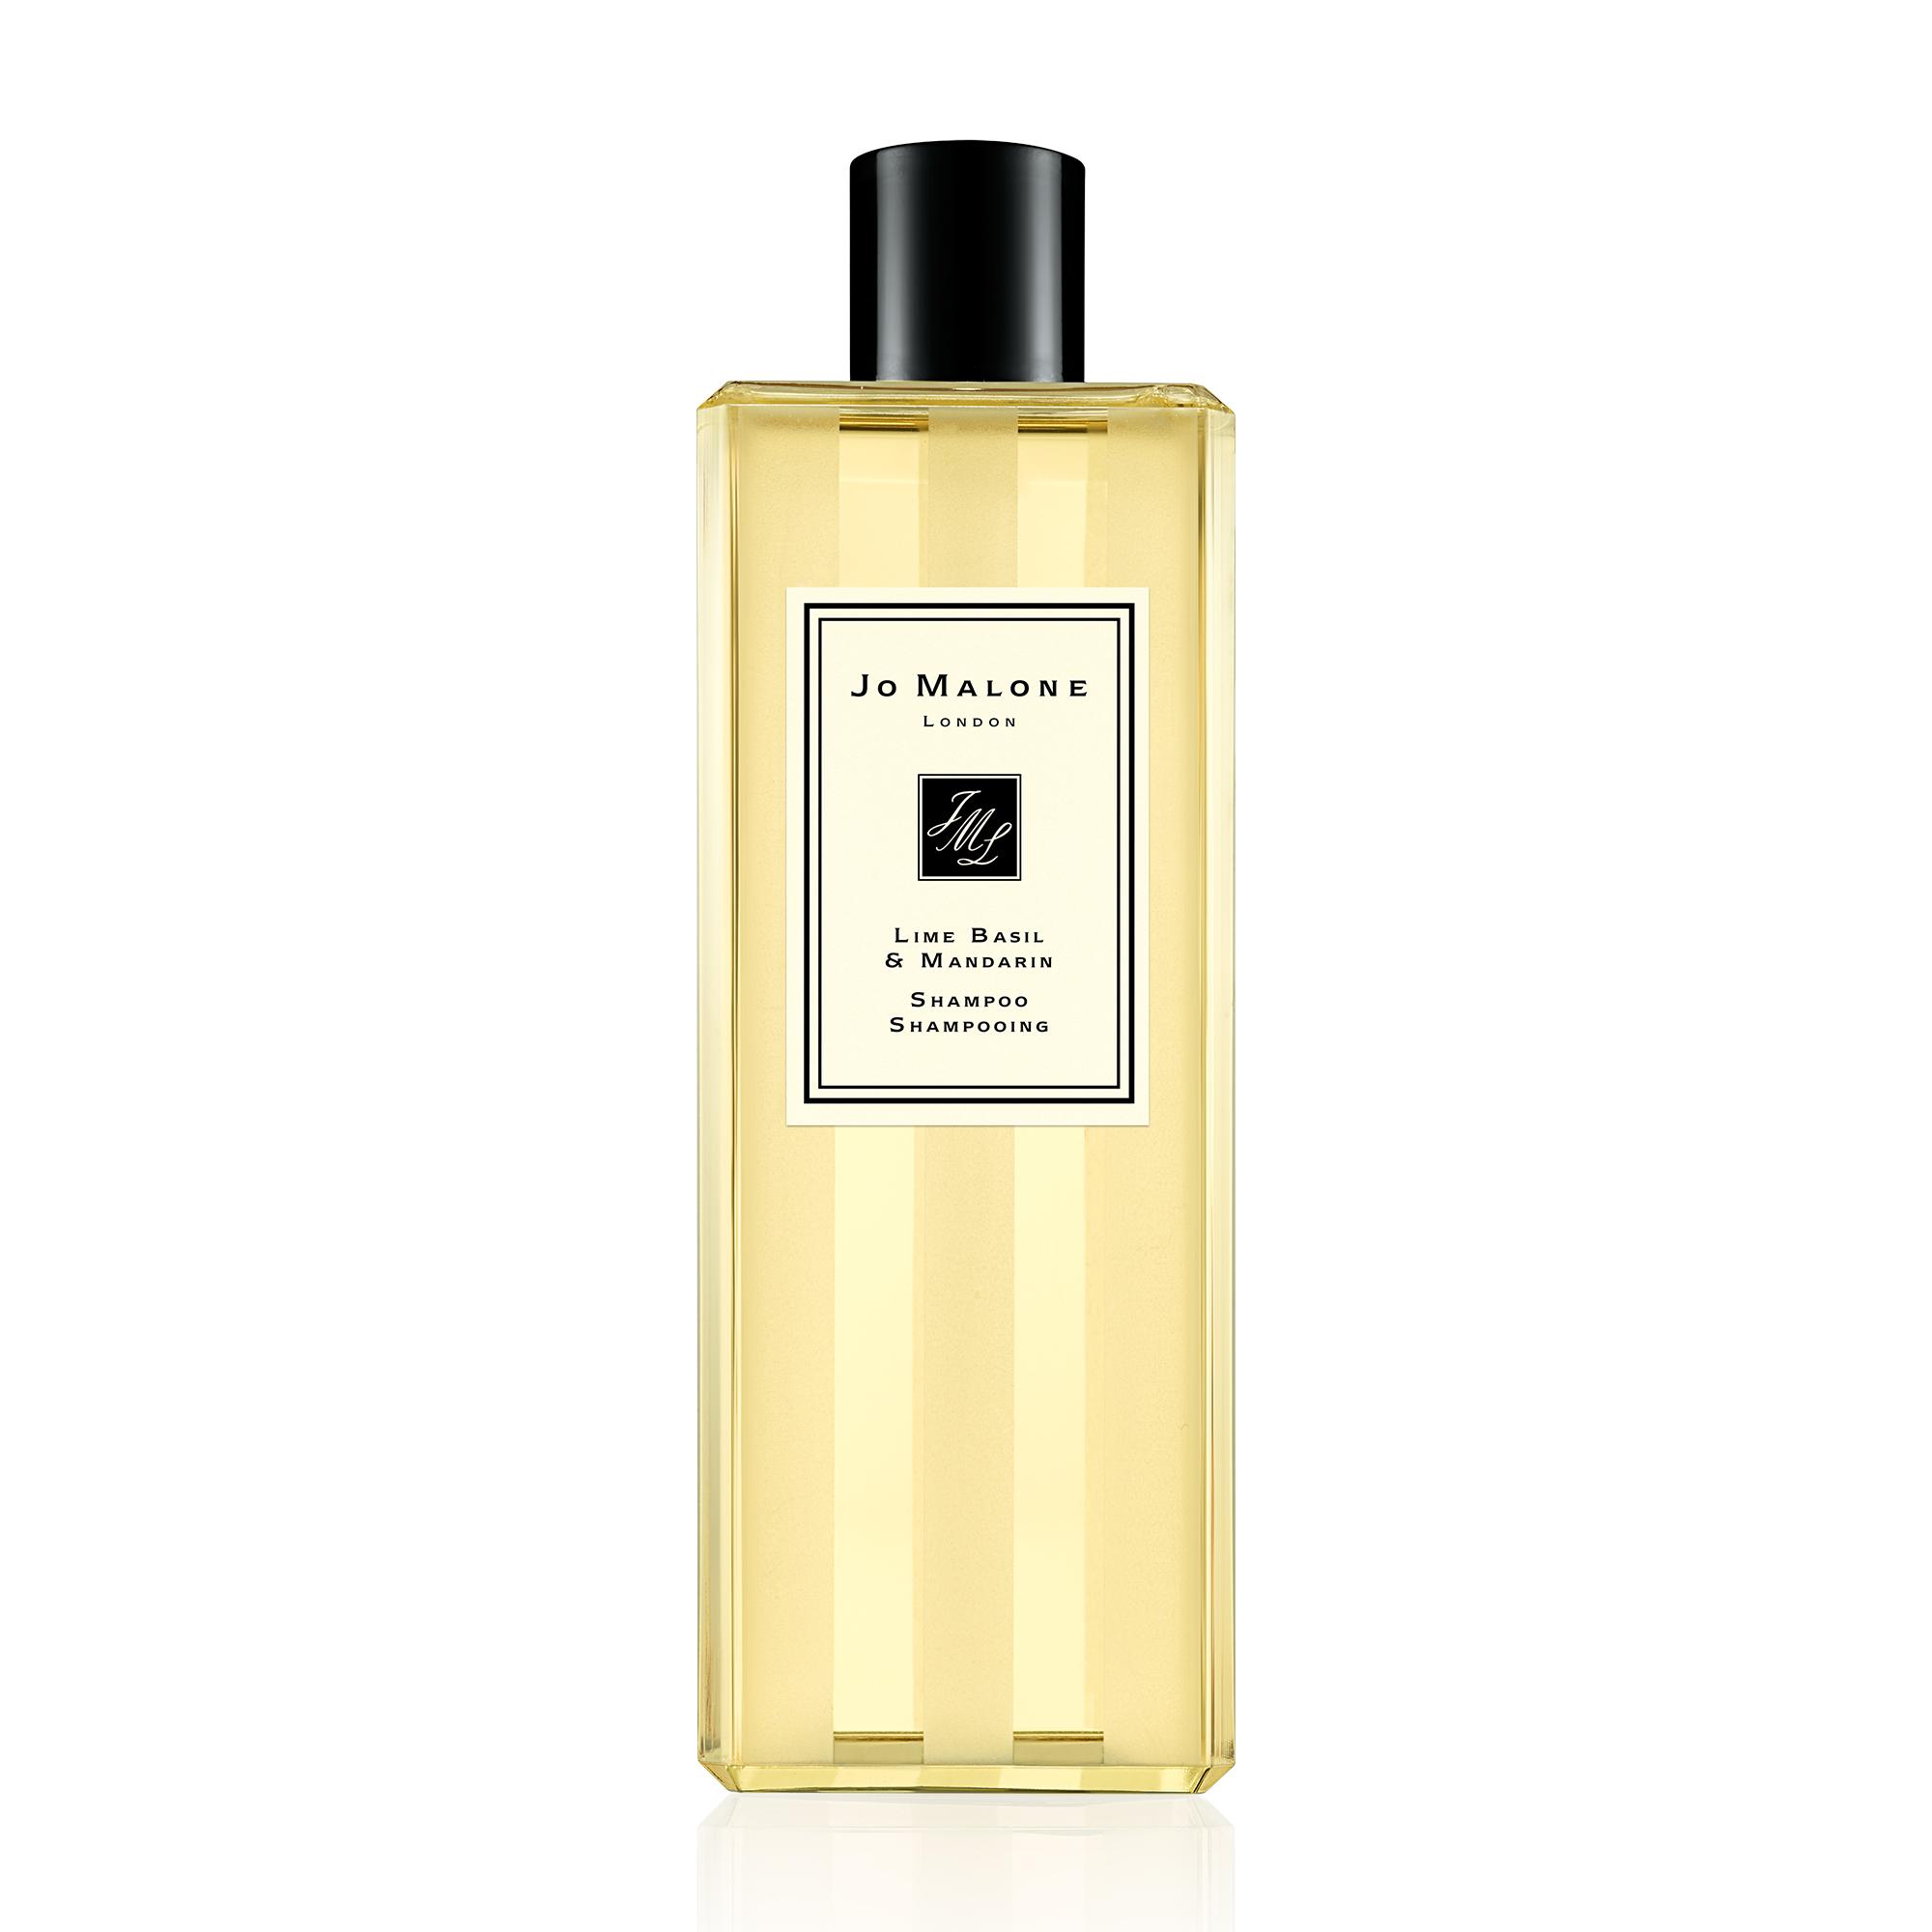 Lime Basil & Mandarin Shampoo 250ML